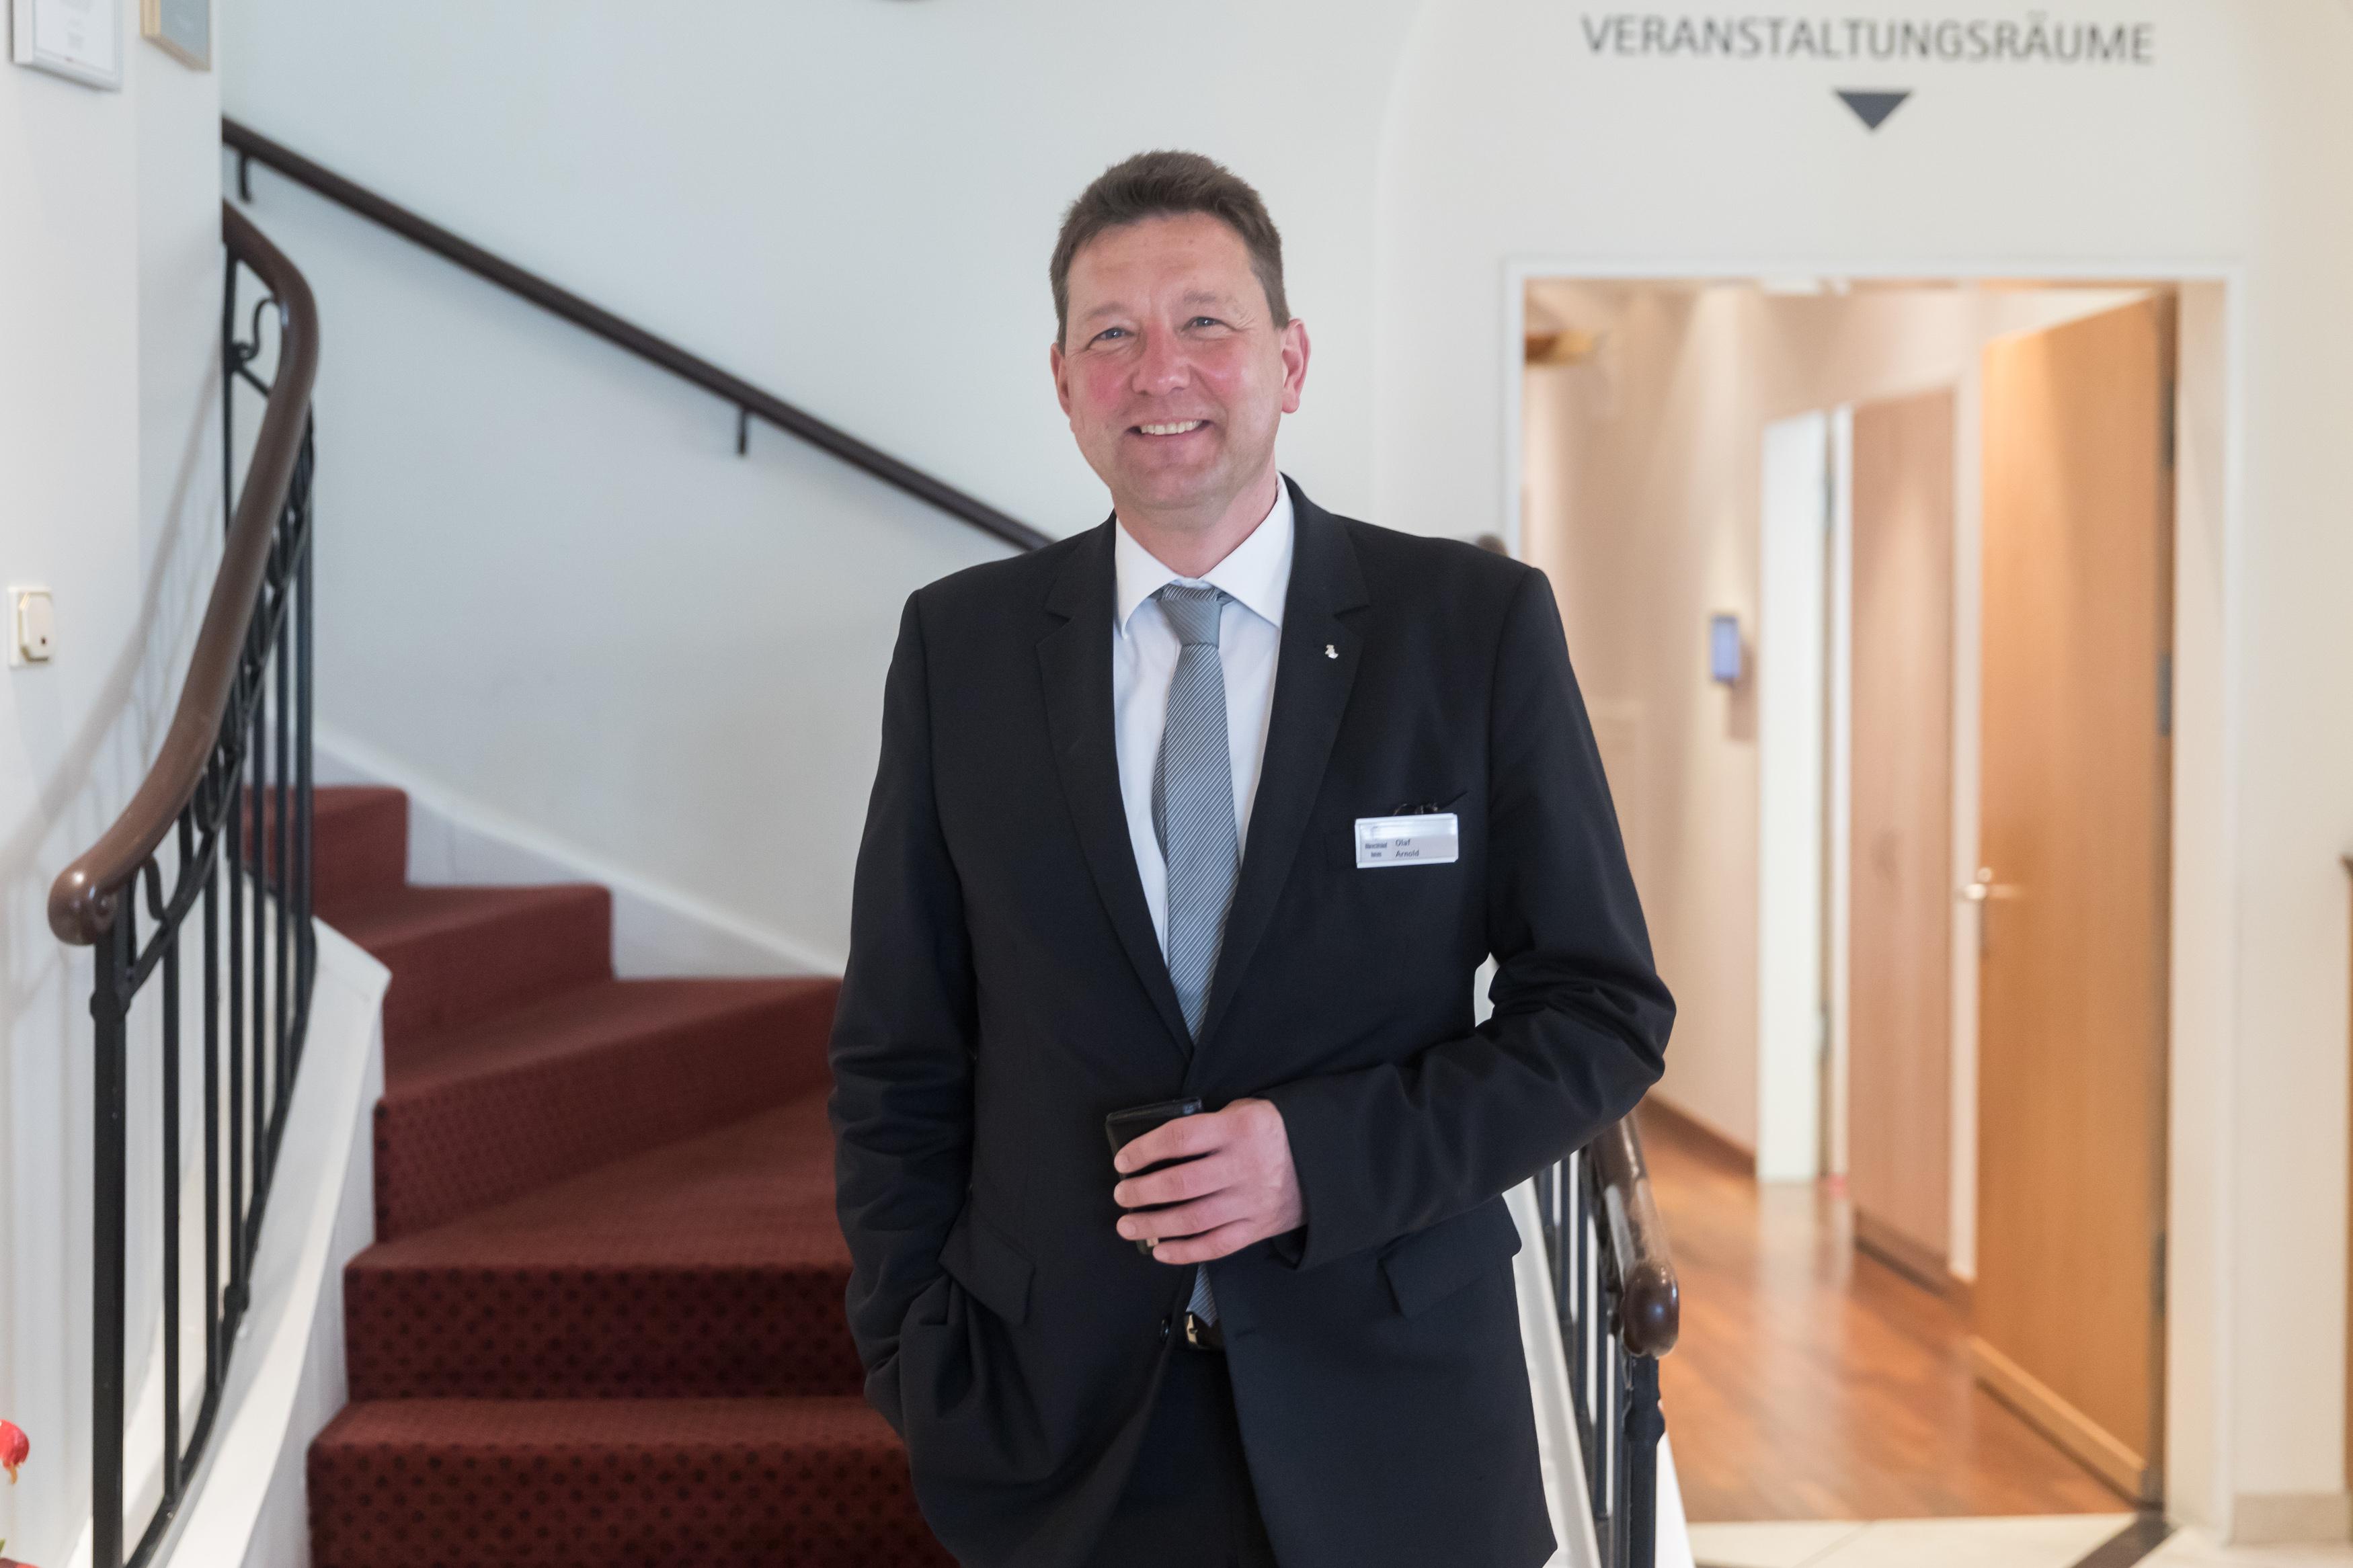 Ansprechpartner für Veranstaltungen im Hotel Albrechtshof